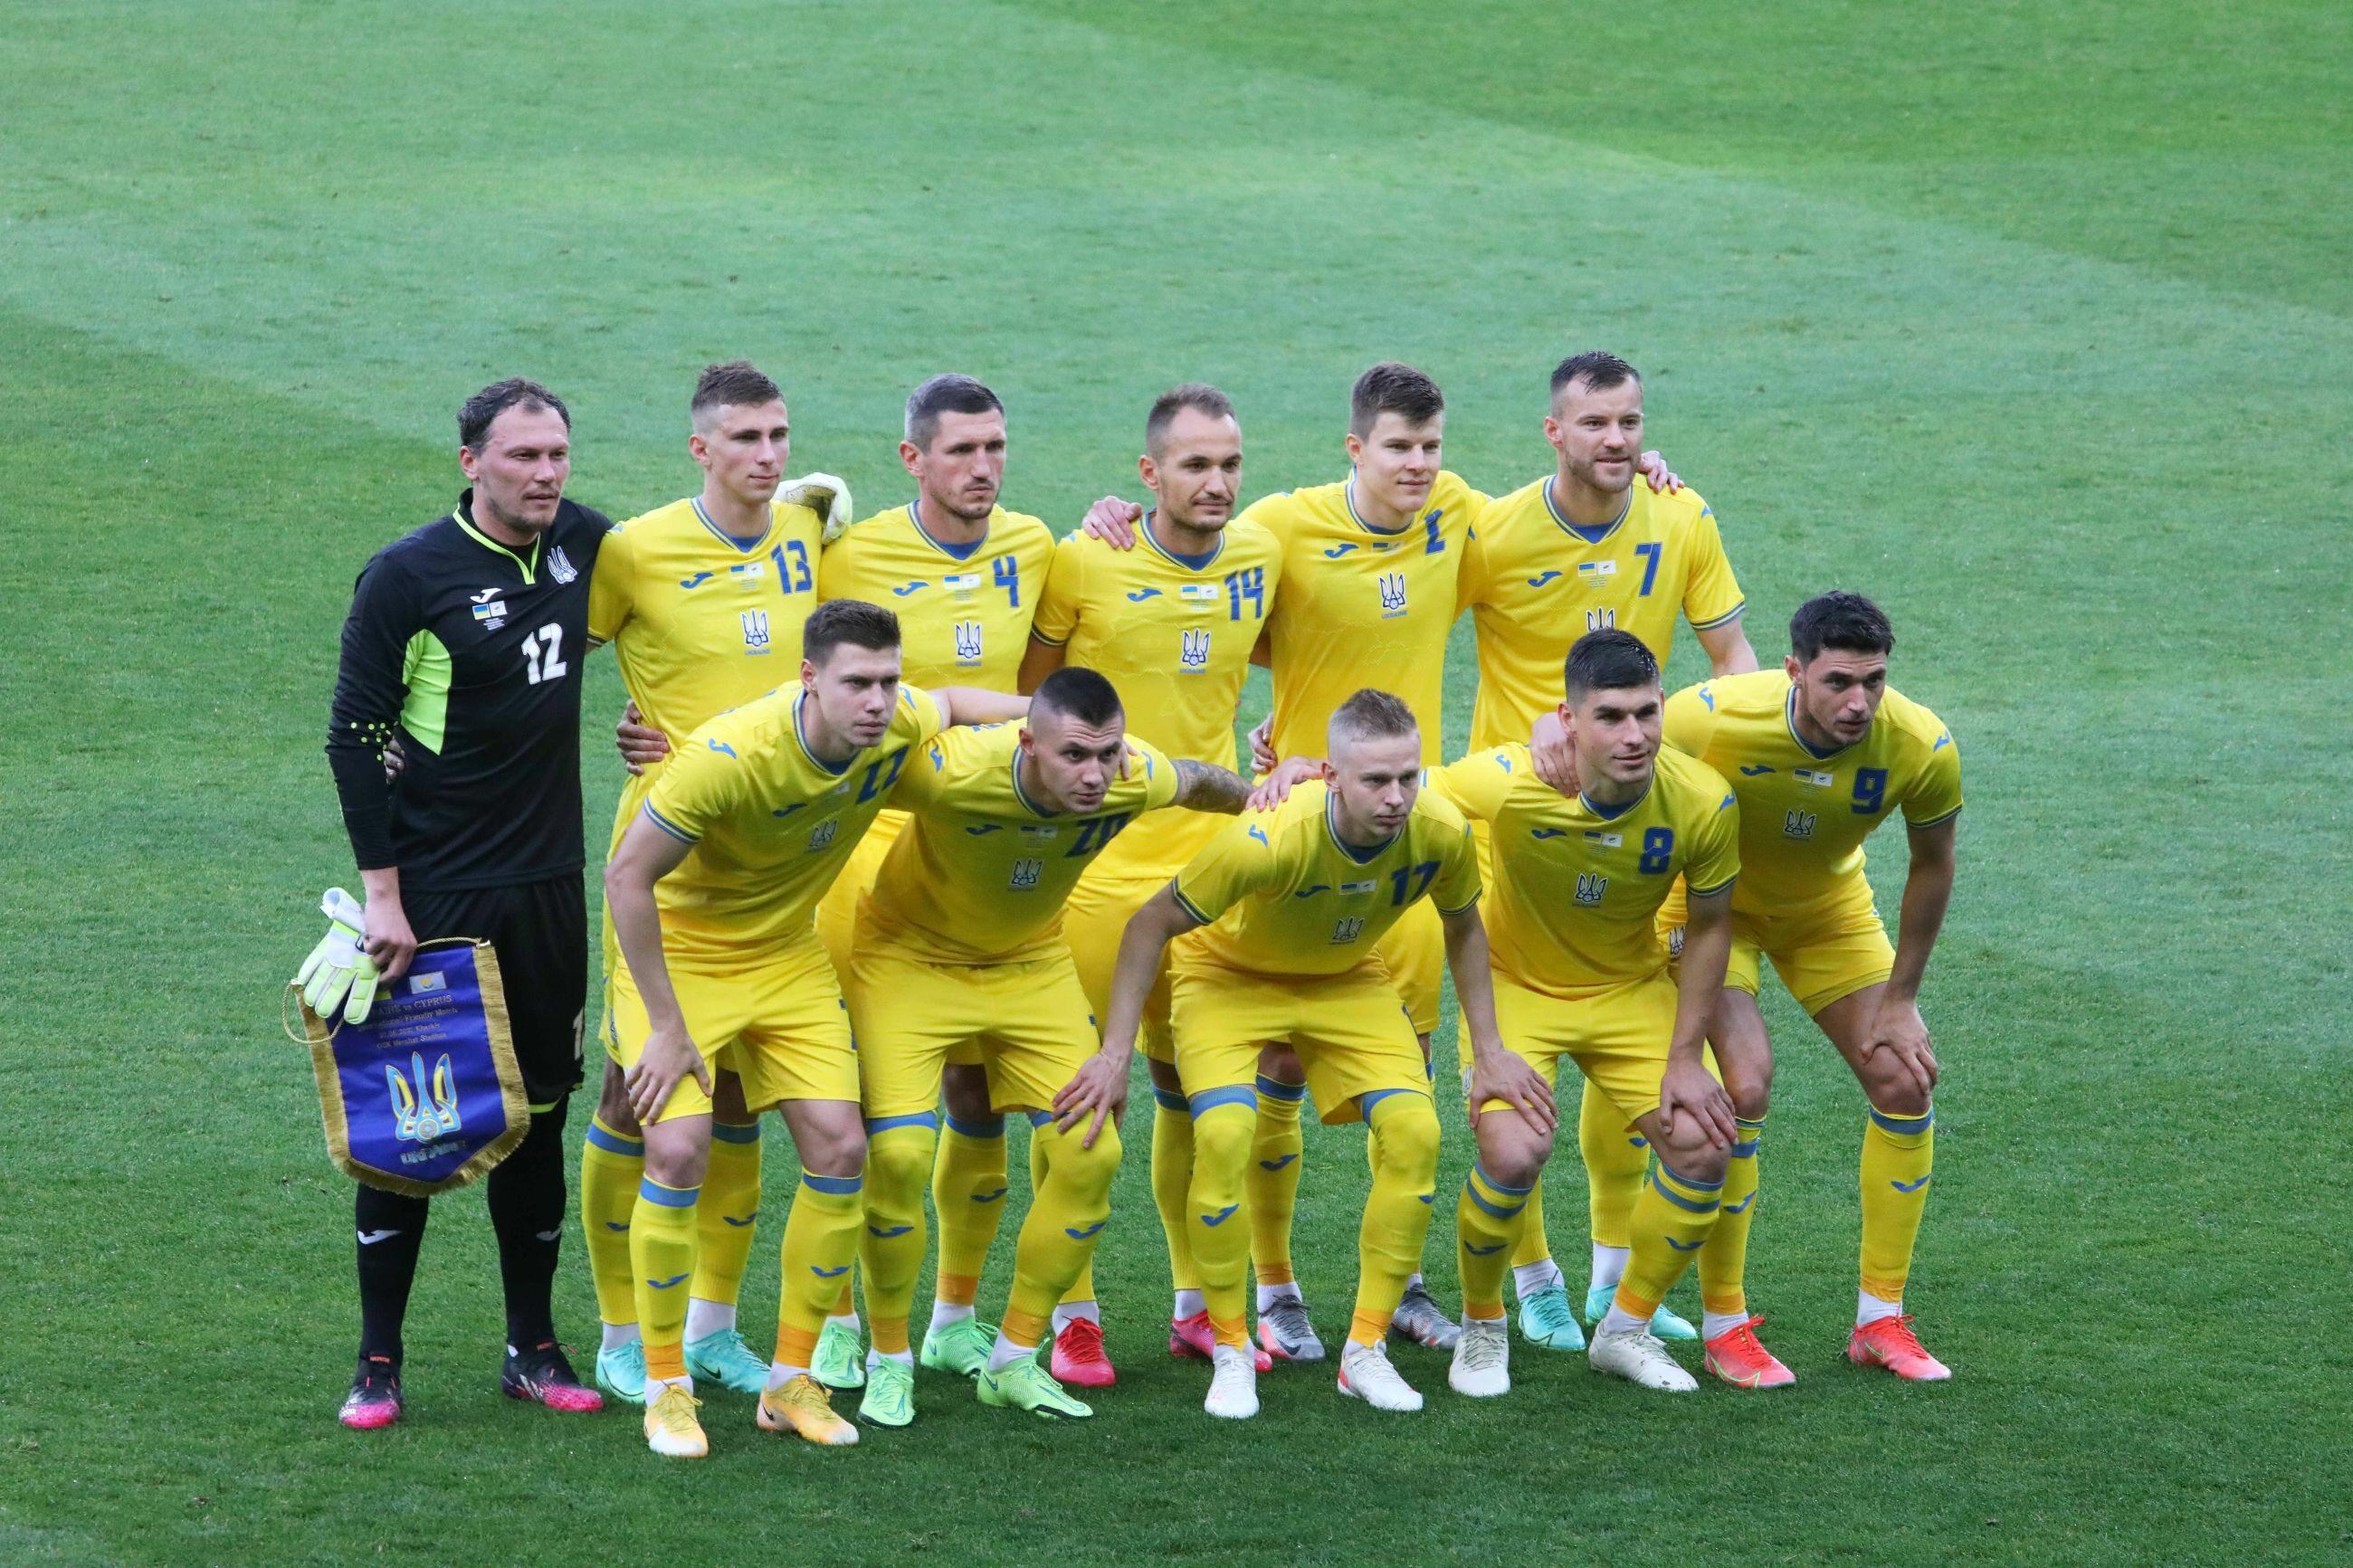 """Euro 2020. Ukraina musi zmienić koszulki przed mistrzostwami Europy. UEFA skrytykowała hasło """"Chwała bohaterom"""""""